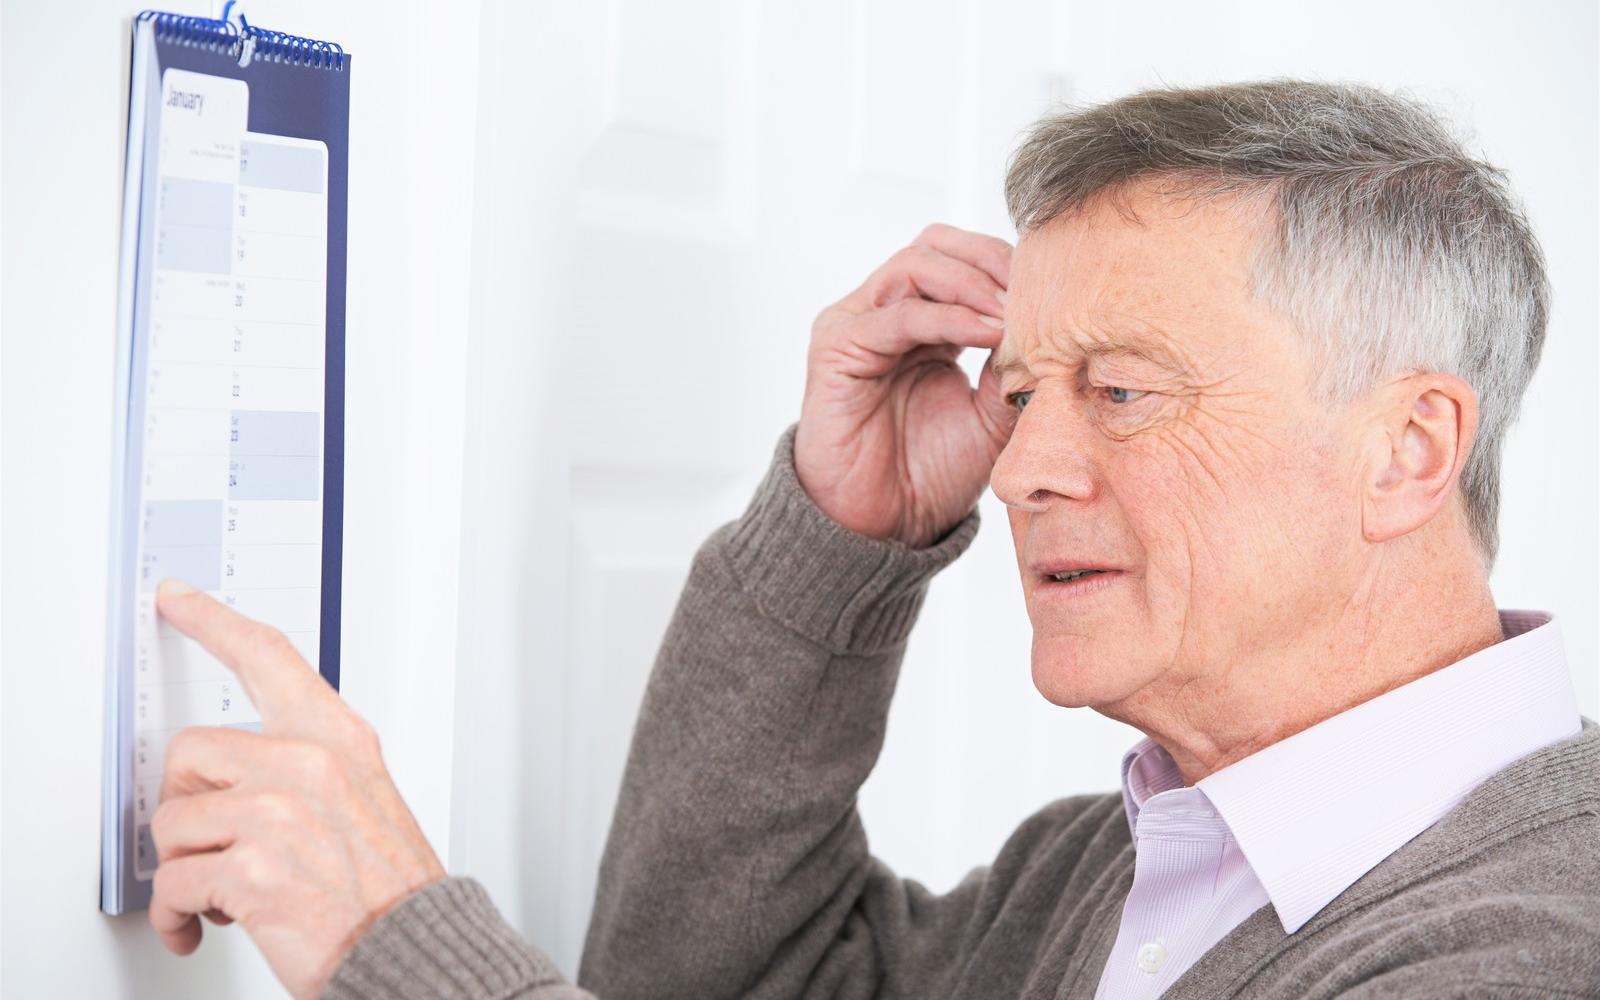 magas vérnyomás és alternatív gyógyászat magas vérnyomás kezelése népi gyógyszerek nélkül